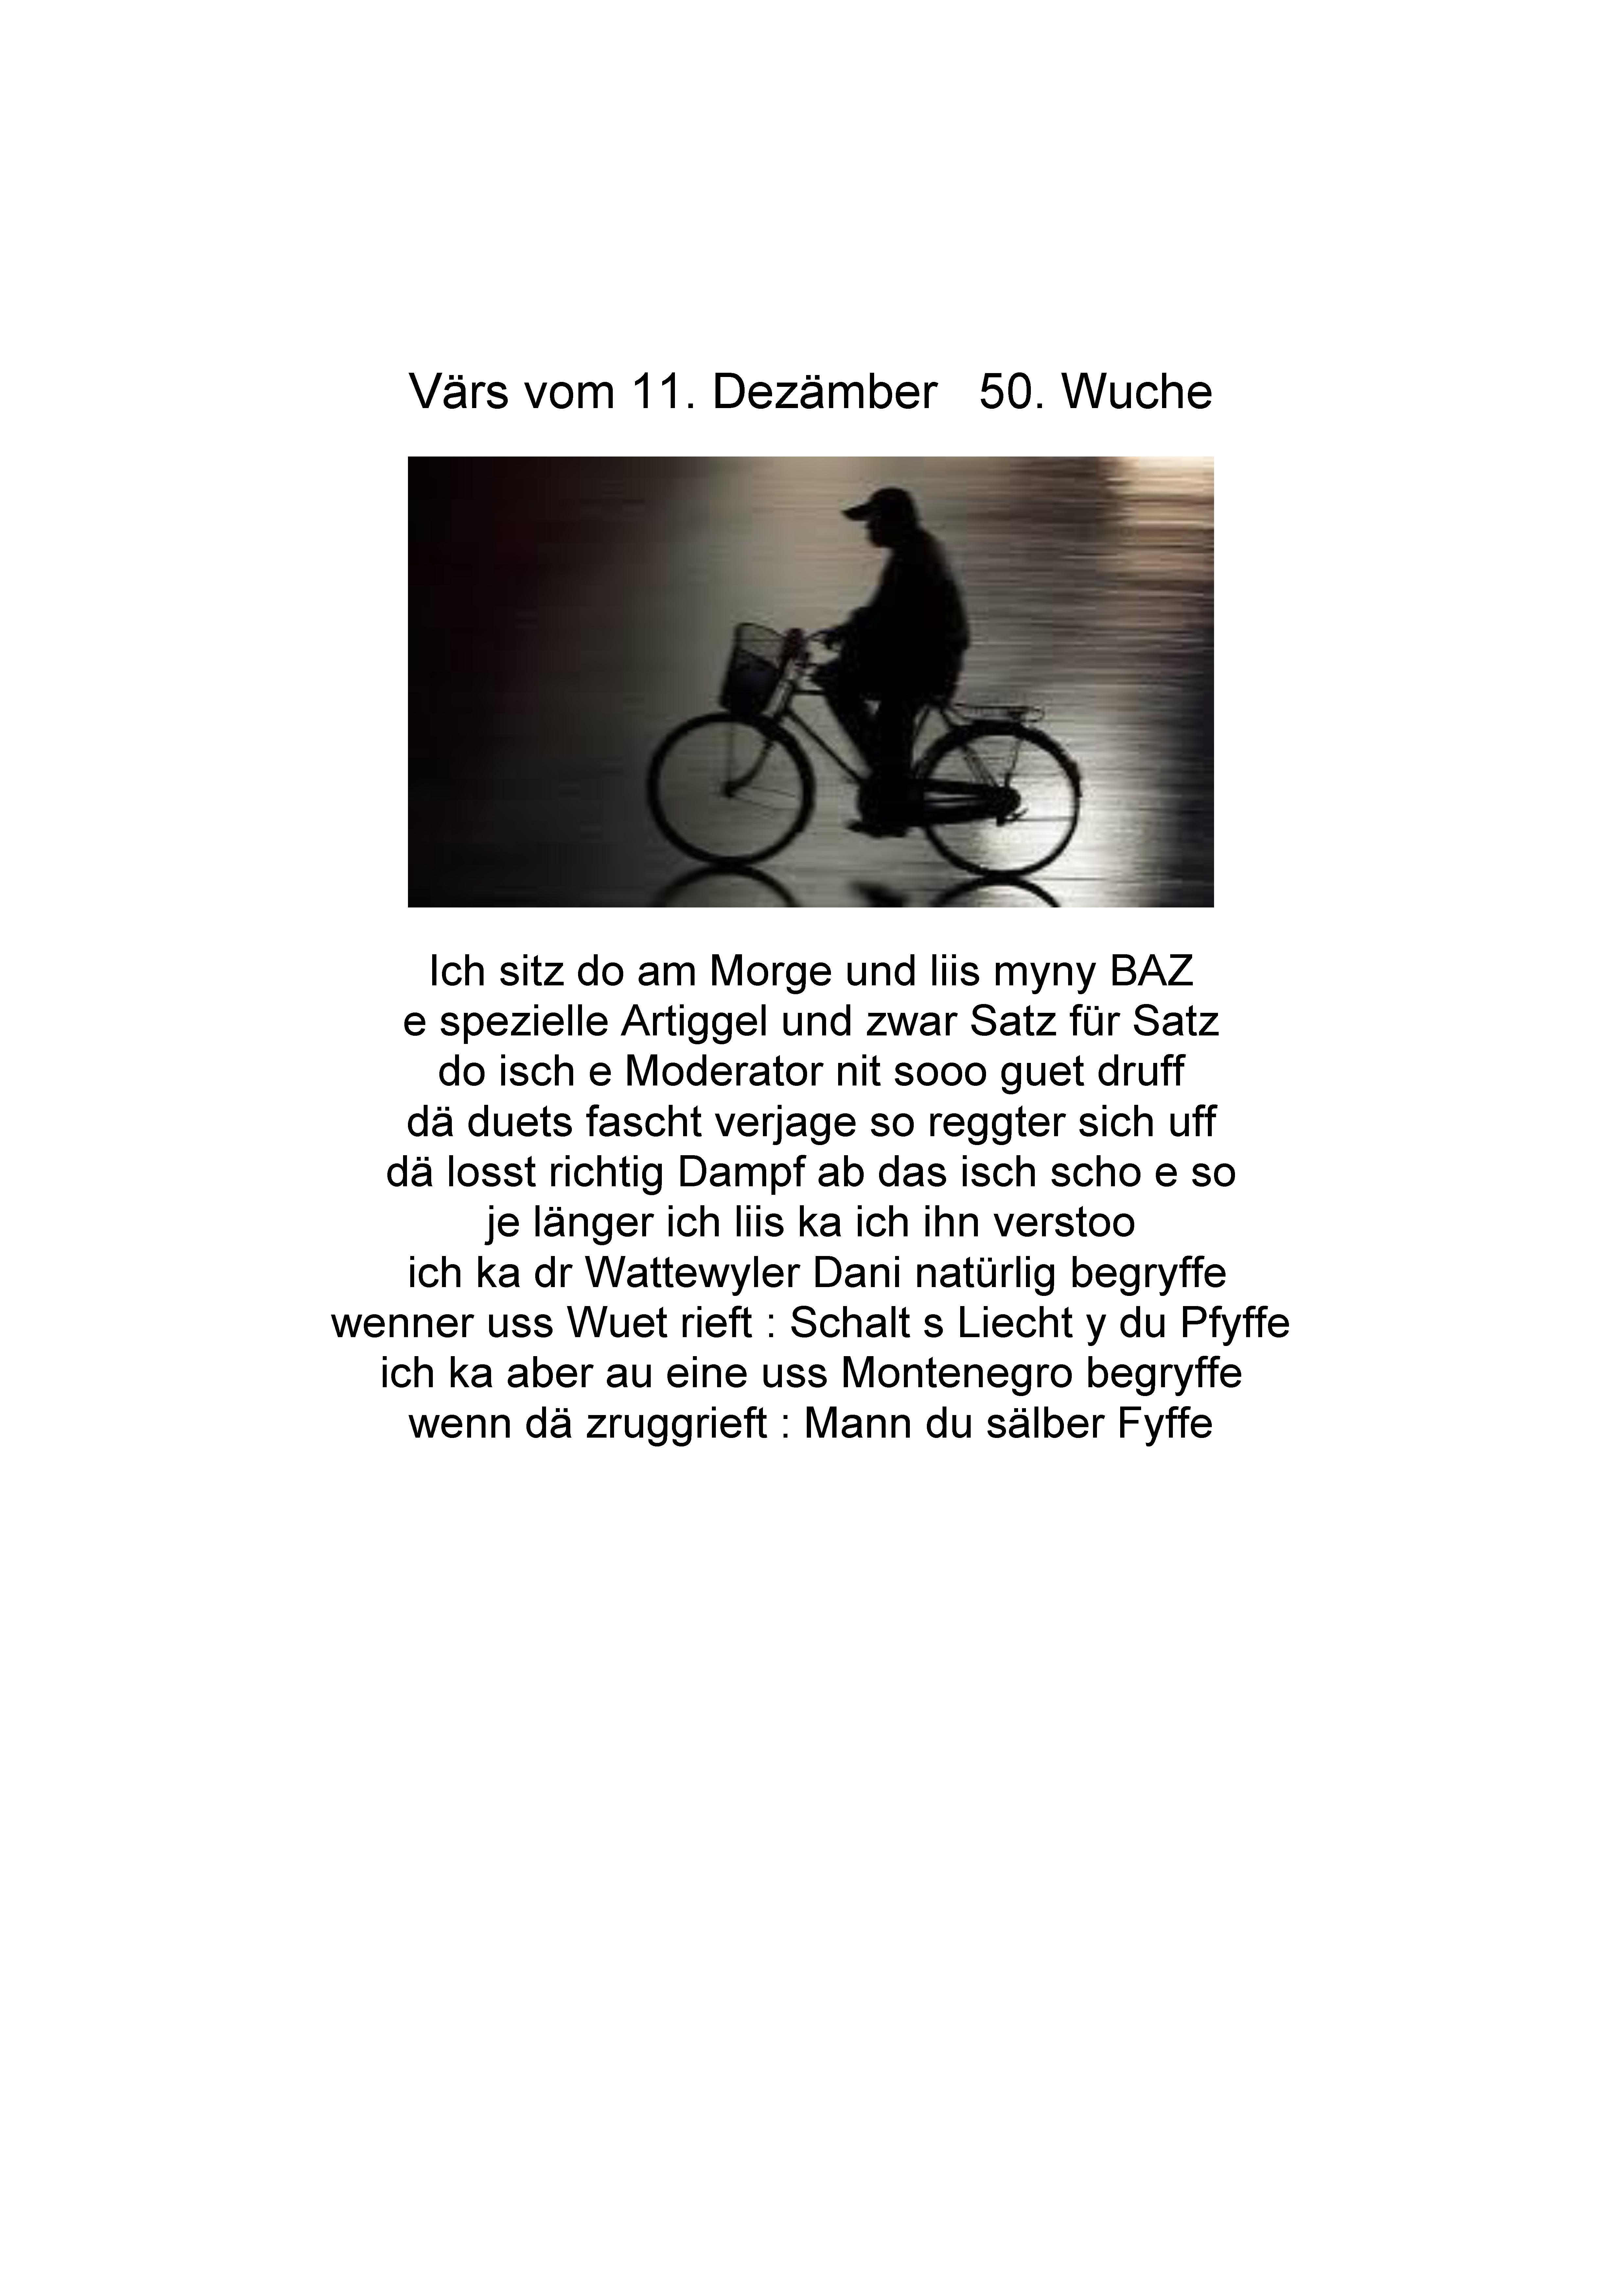 wuchevaers 50